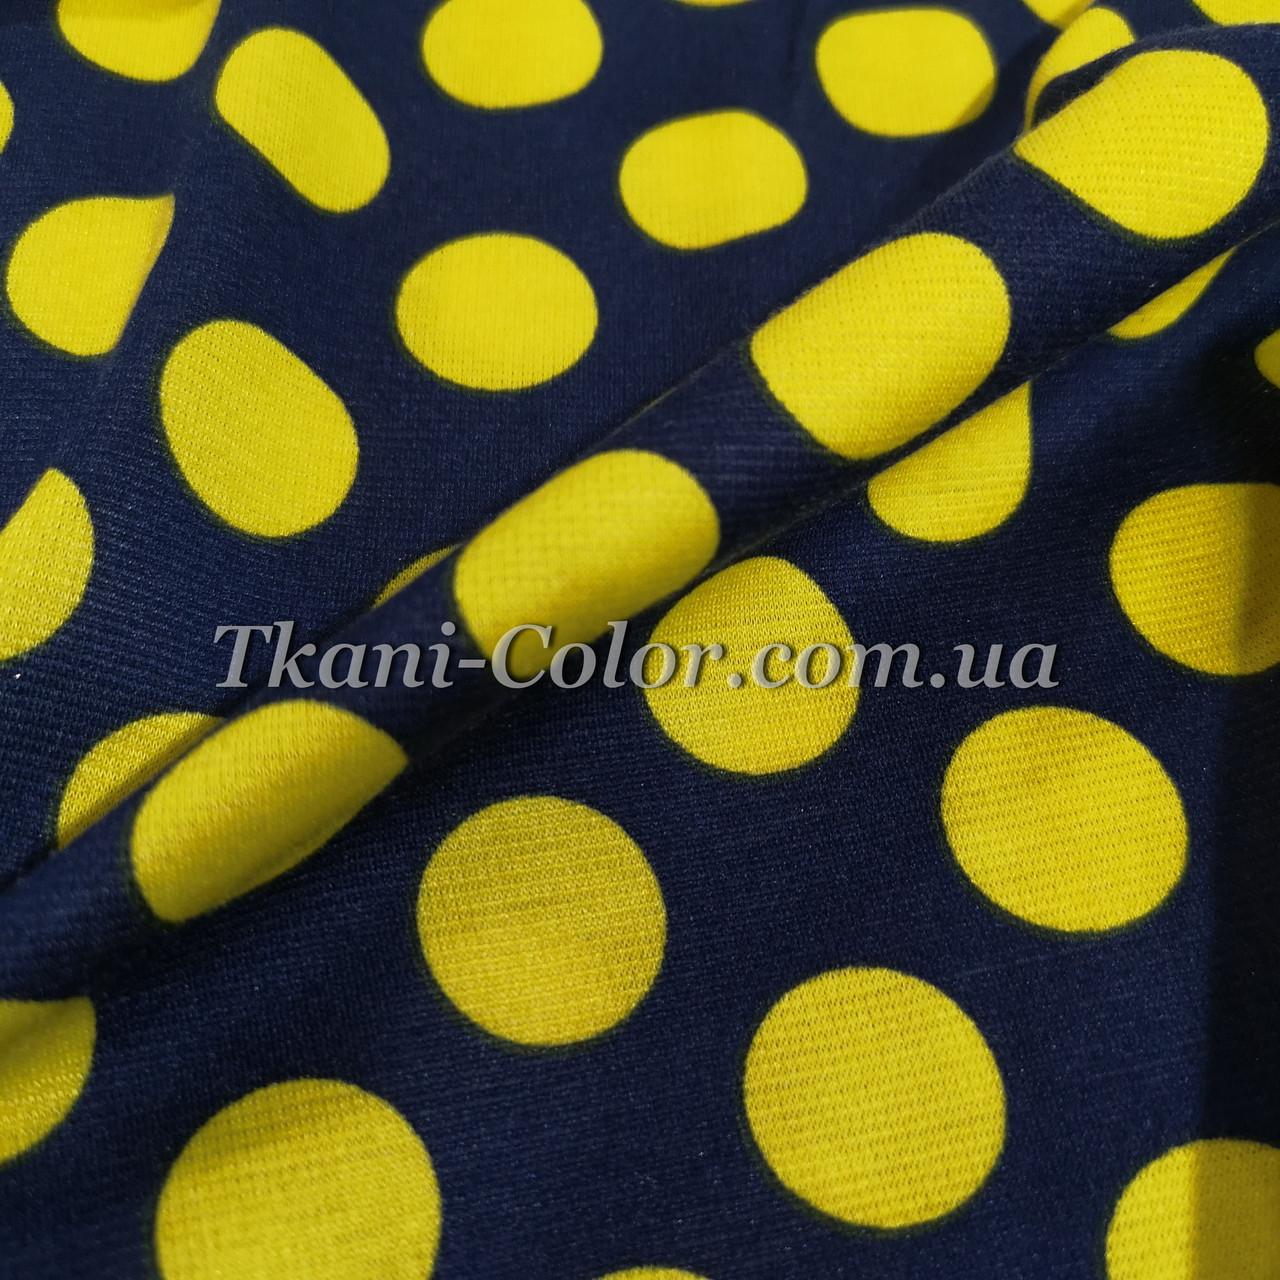 Французский трикотаж синий в желтый горох 2см